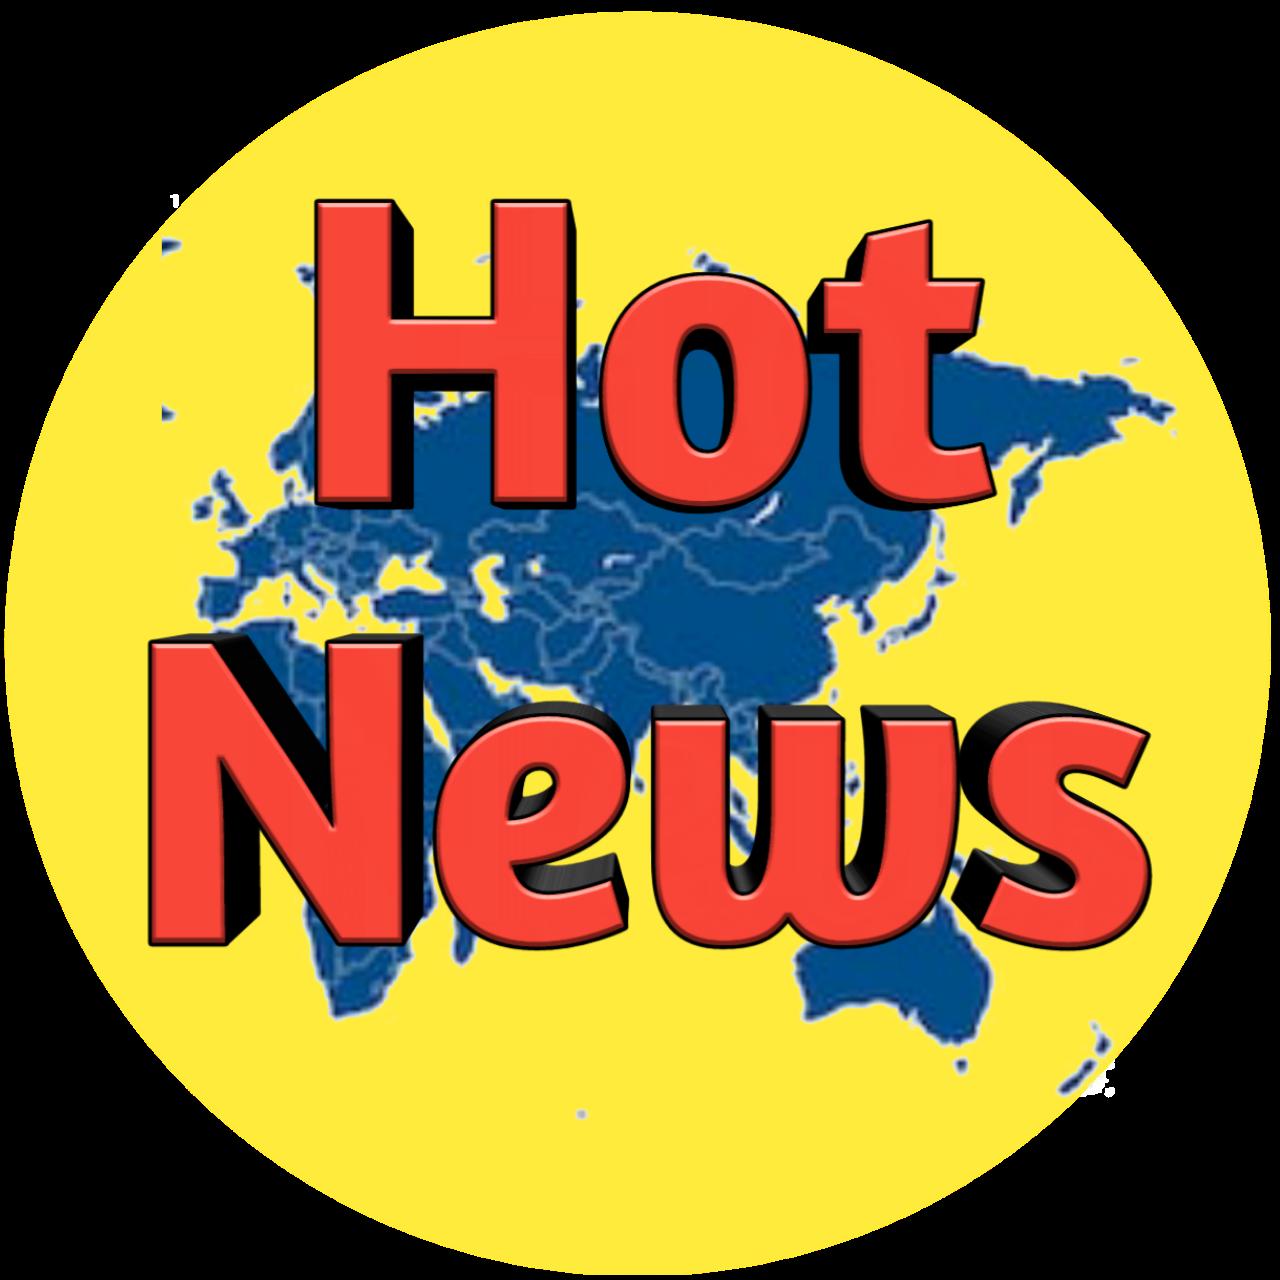 ข่าวด่วนHotNews (@HotNews24hr)